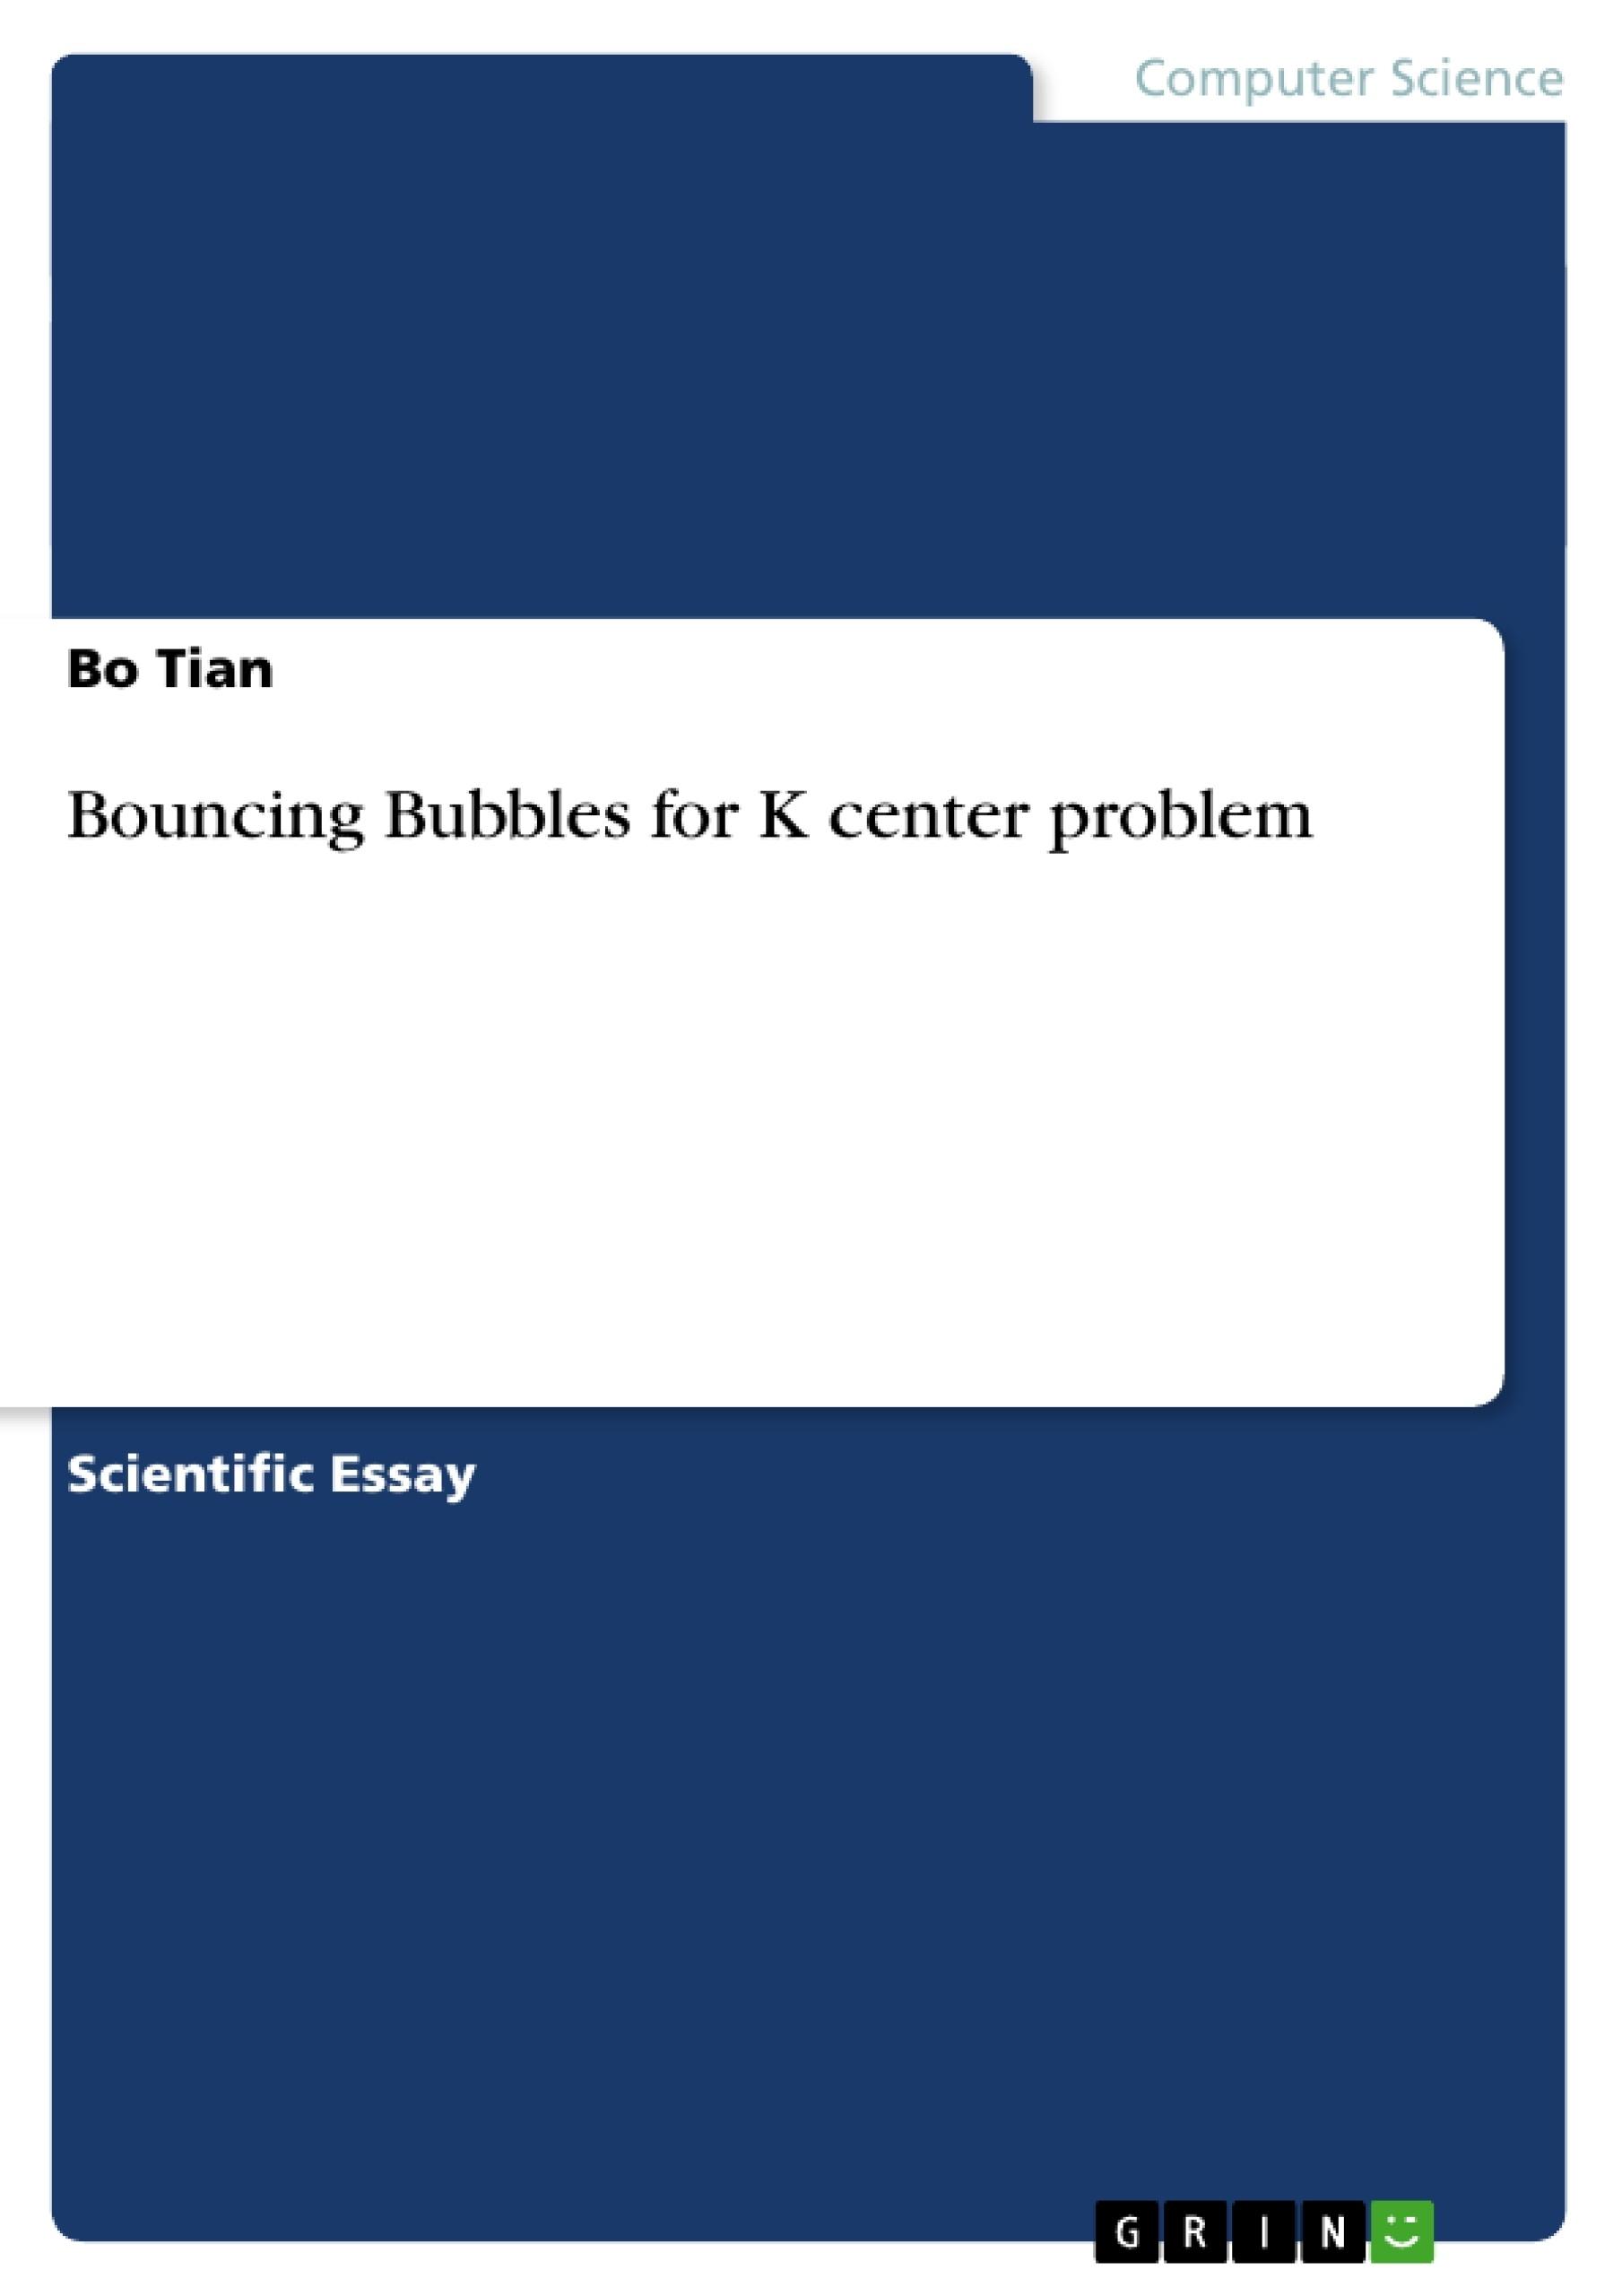 Title: Bouncing Bubbles for K center problem